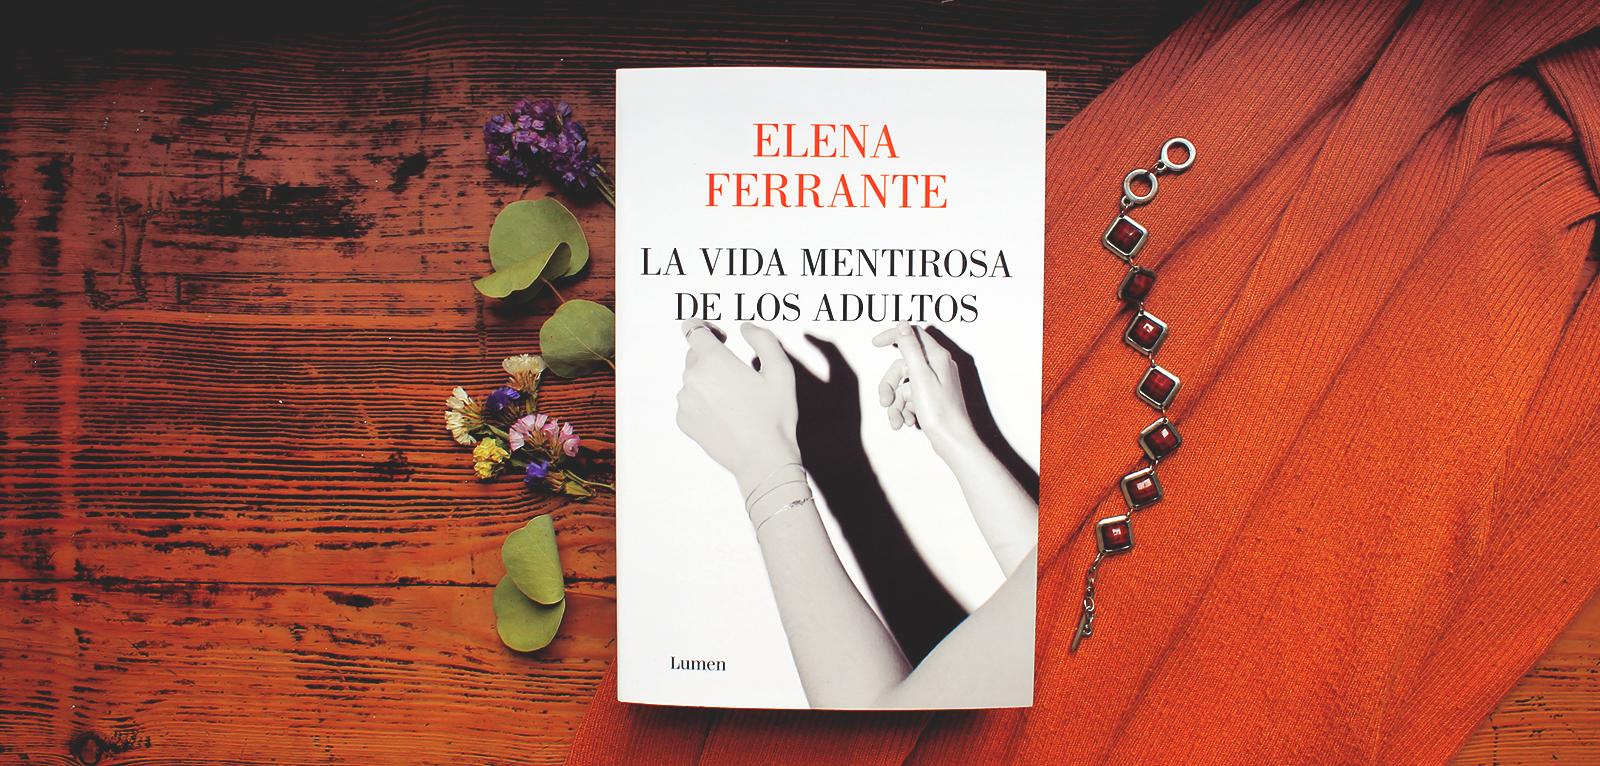 La vida mentirosa de los adultos · Elena Ferrante